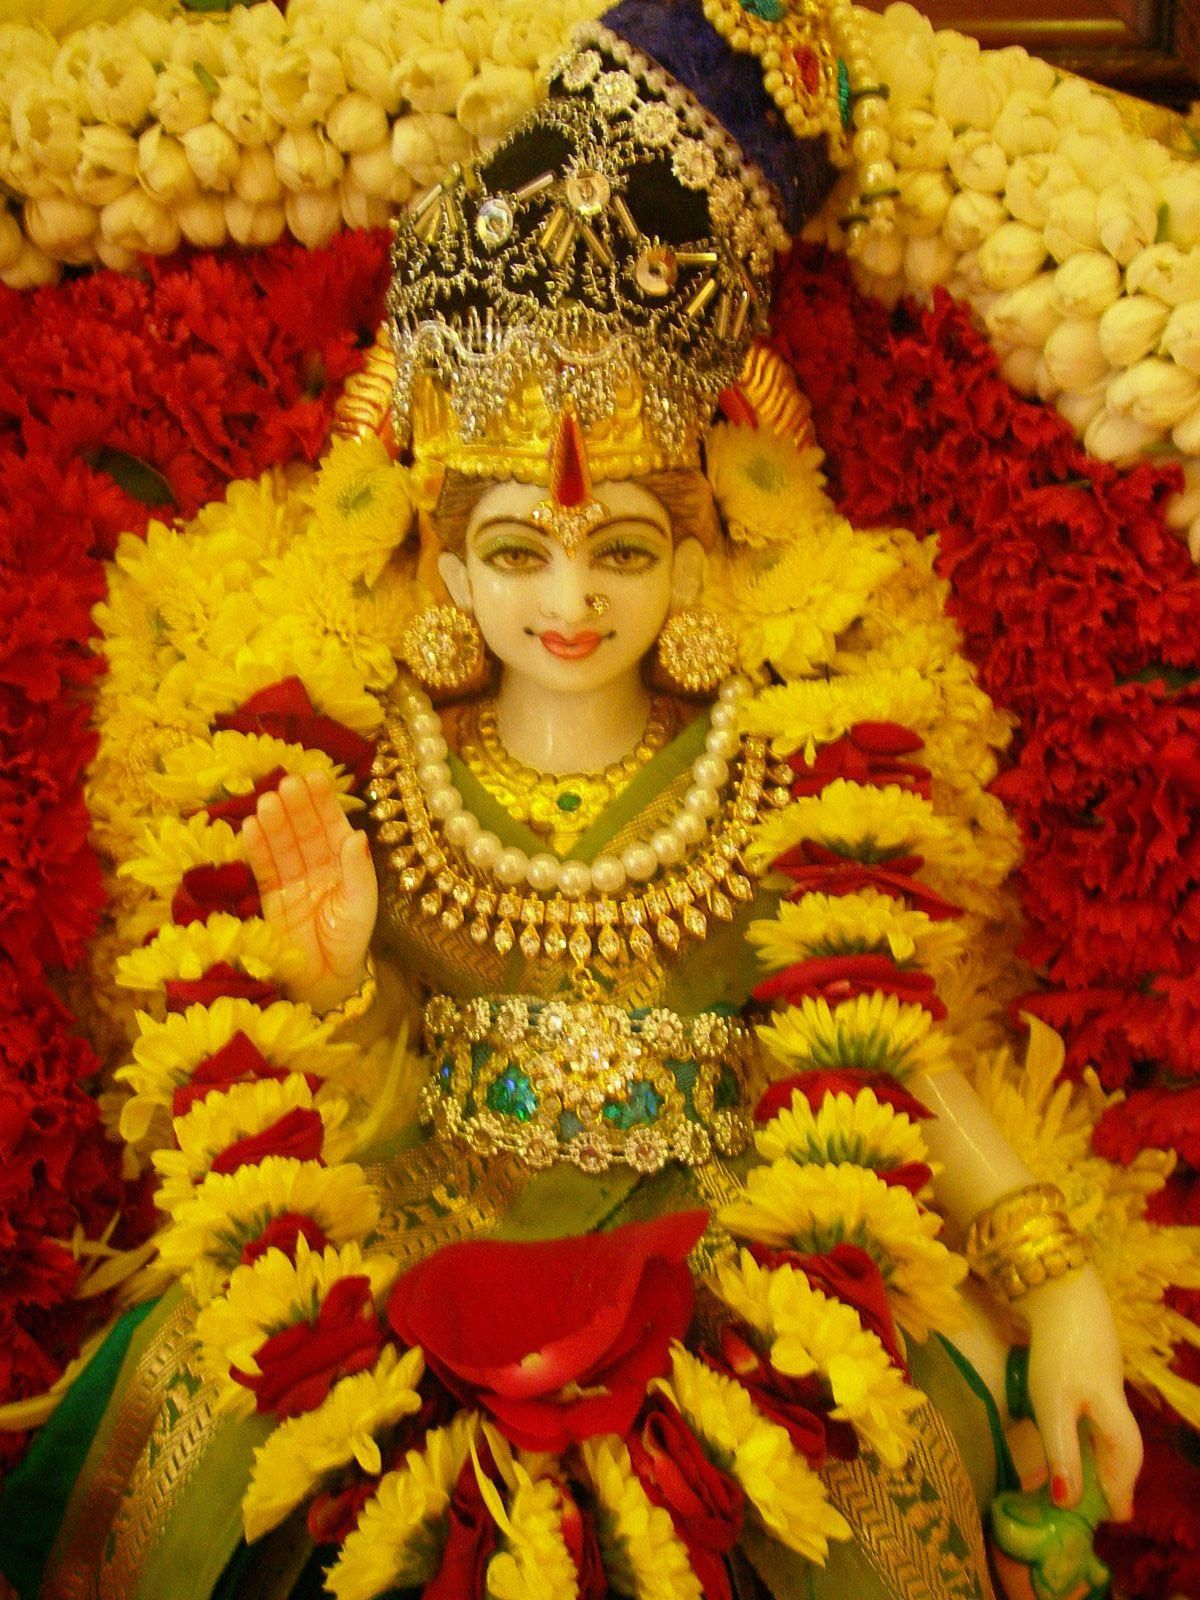 Mahalakshmi Hd Images For WhatsApp